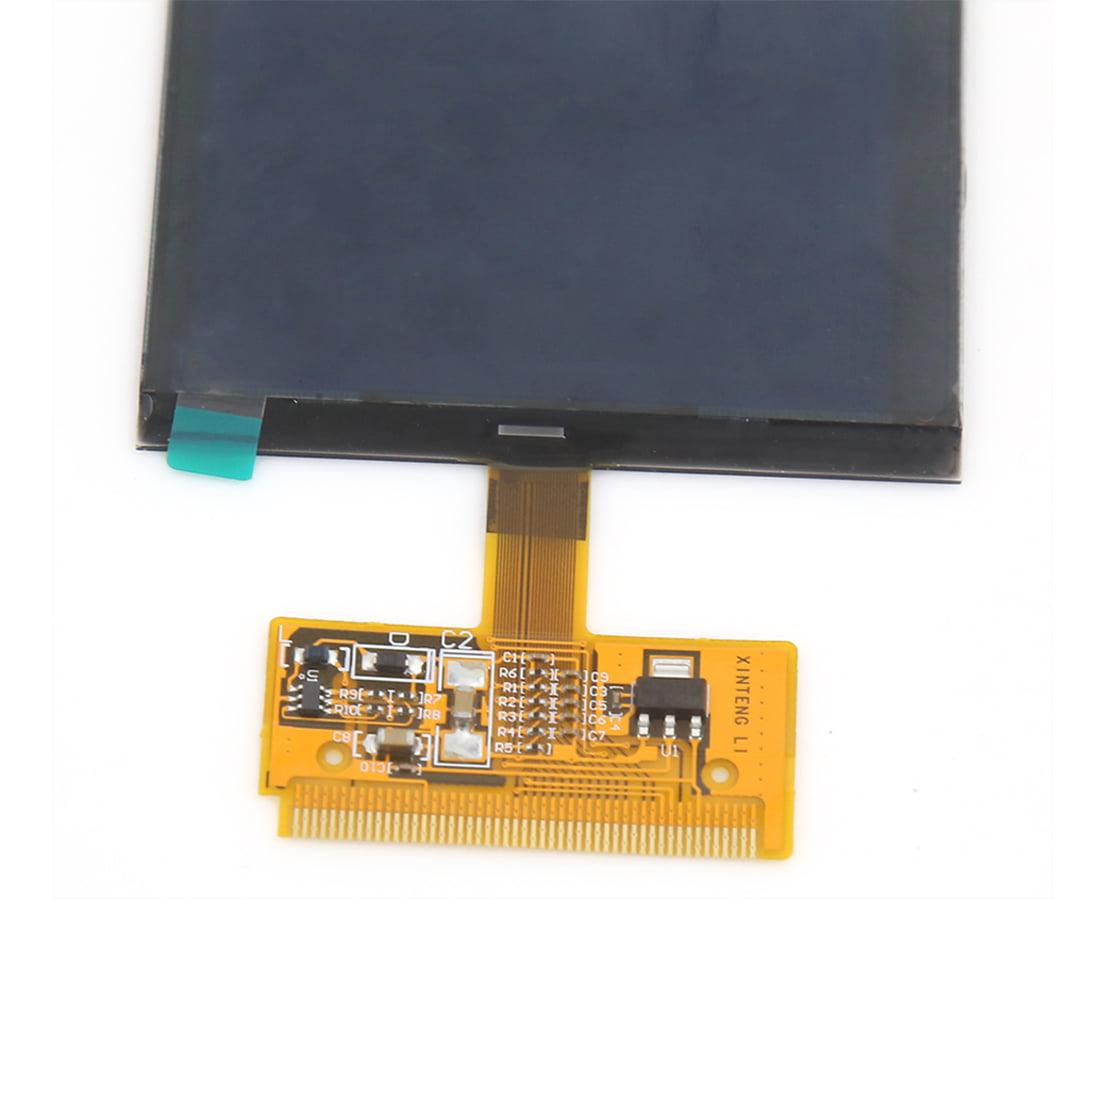 Tableau bord LCD verre écran affichage indicateur pour AUDI A3 A4 A6 Series - image 1 de 2